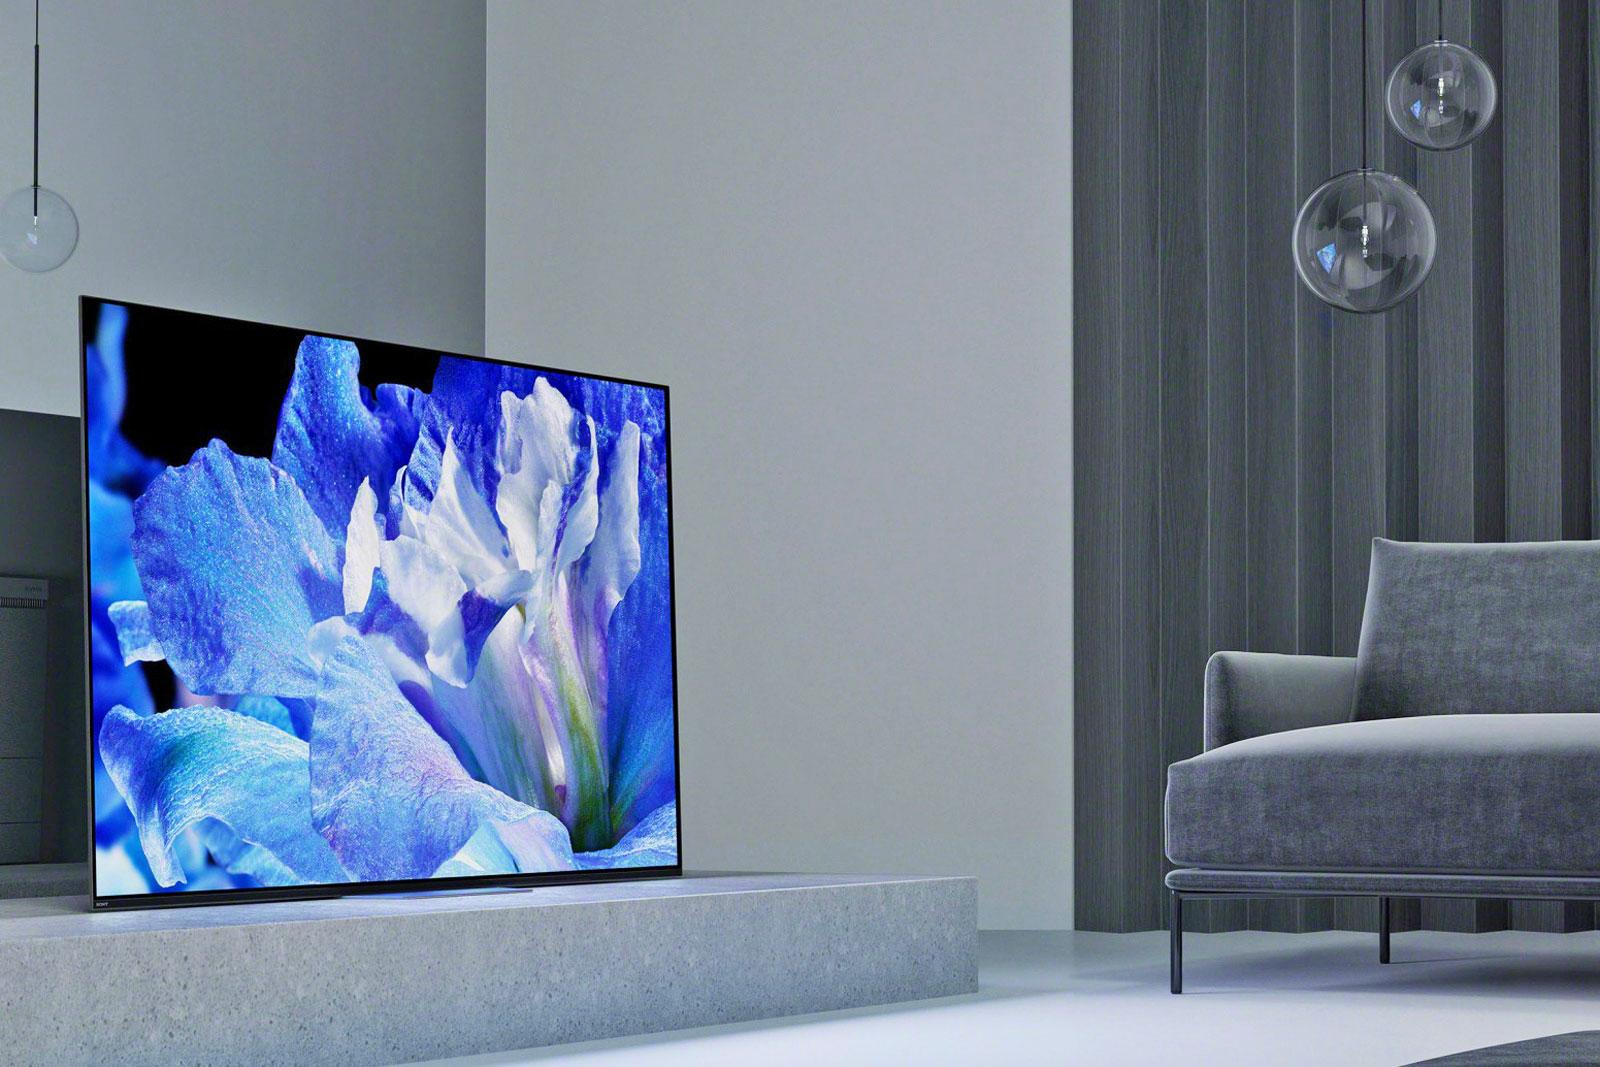 sony 39 s 2018 oled tv starts at 2 800. Black Bedroom Furniture Sets. Home Design Ideas